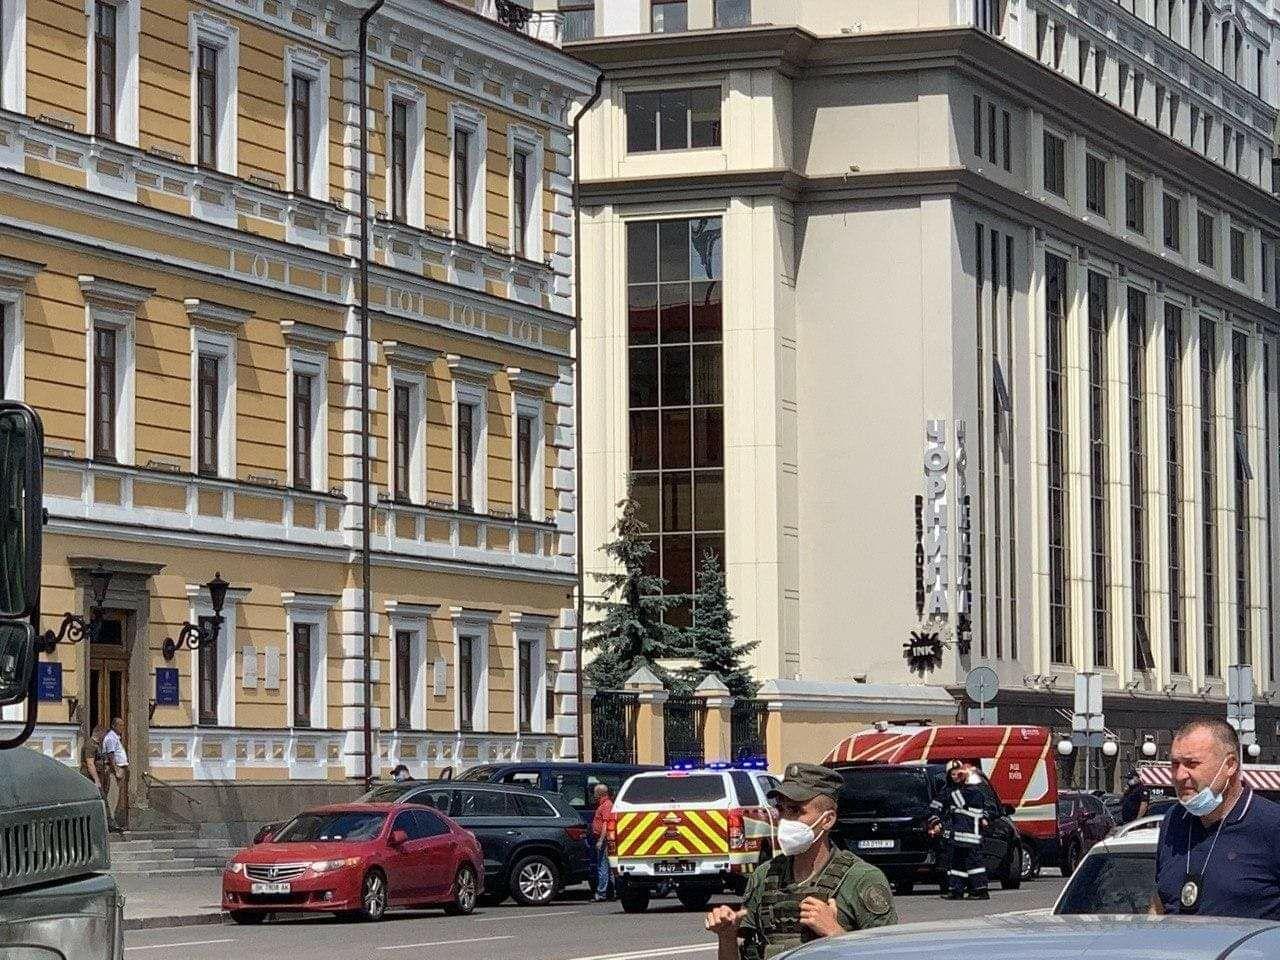 Київський терорист заявив, що вибухівка здетонує навіть в разі його смерті - Терорист, Київ, банк - IMG 20200803 142831 768